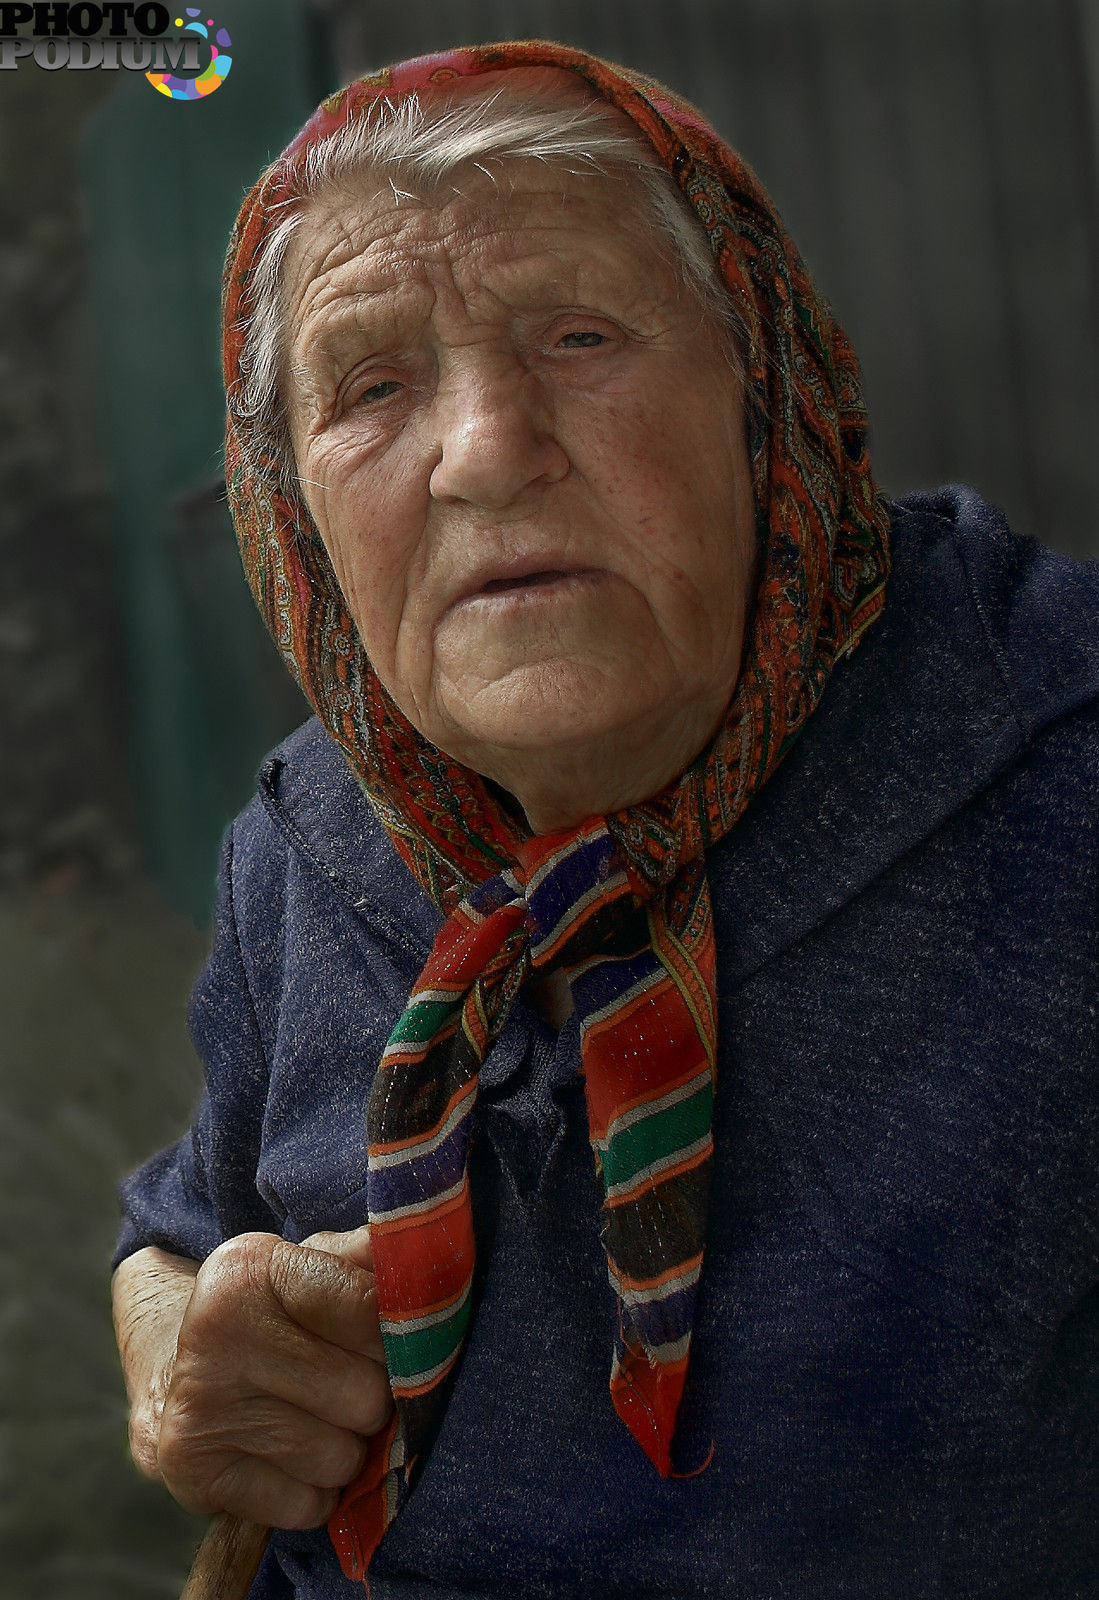 Фото галерея бабушек 5 фотография